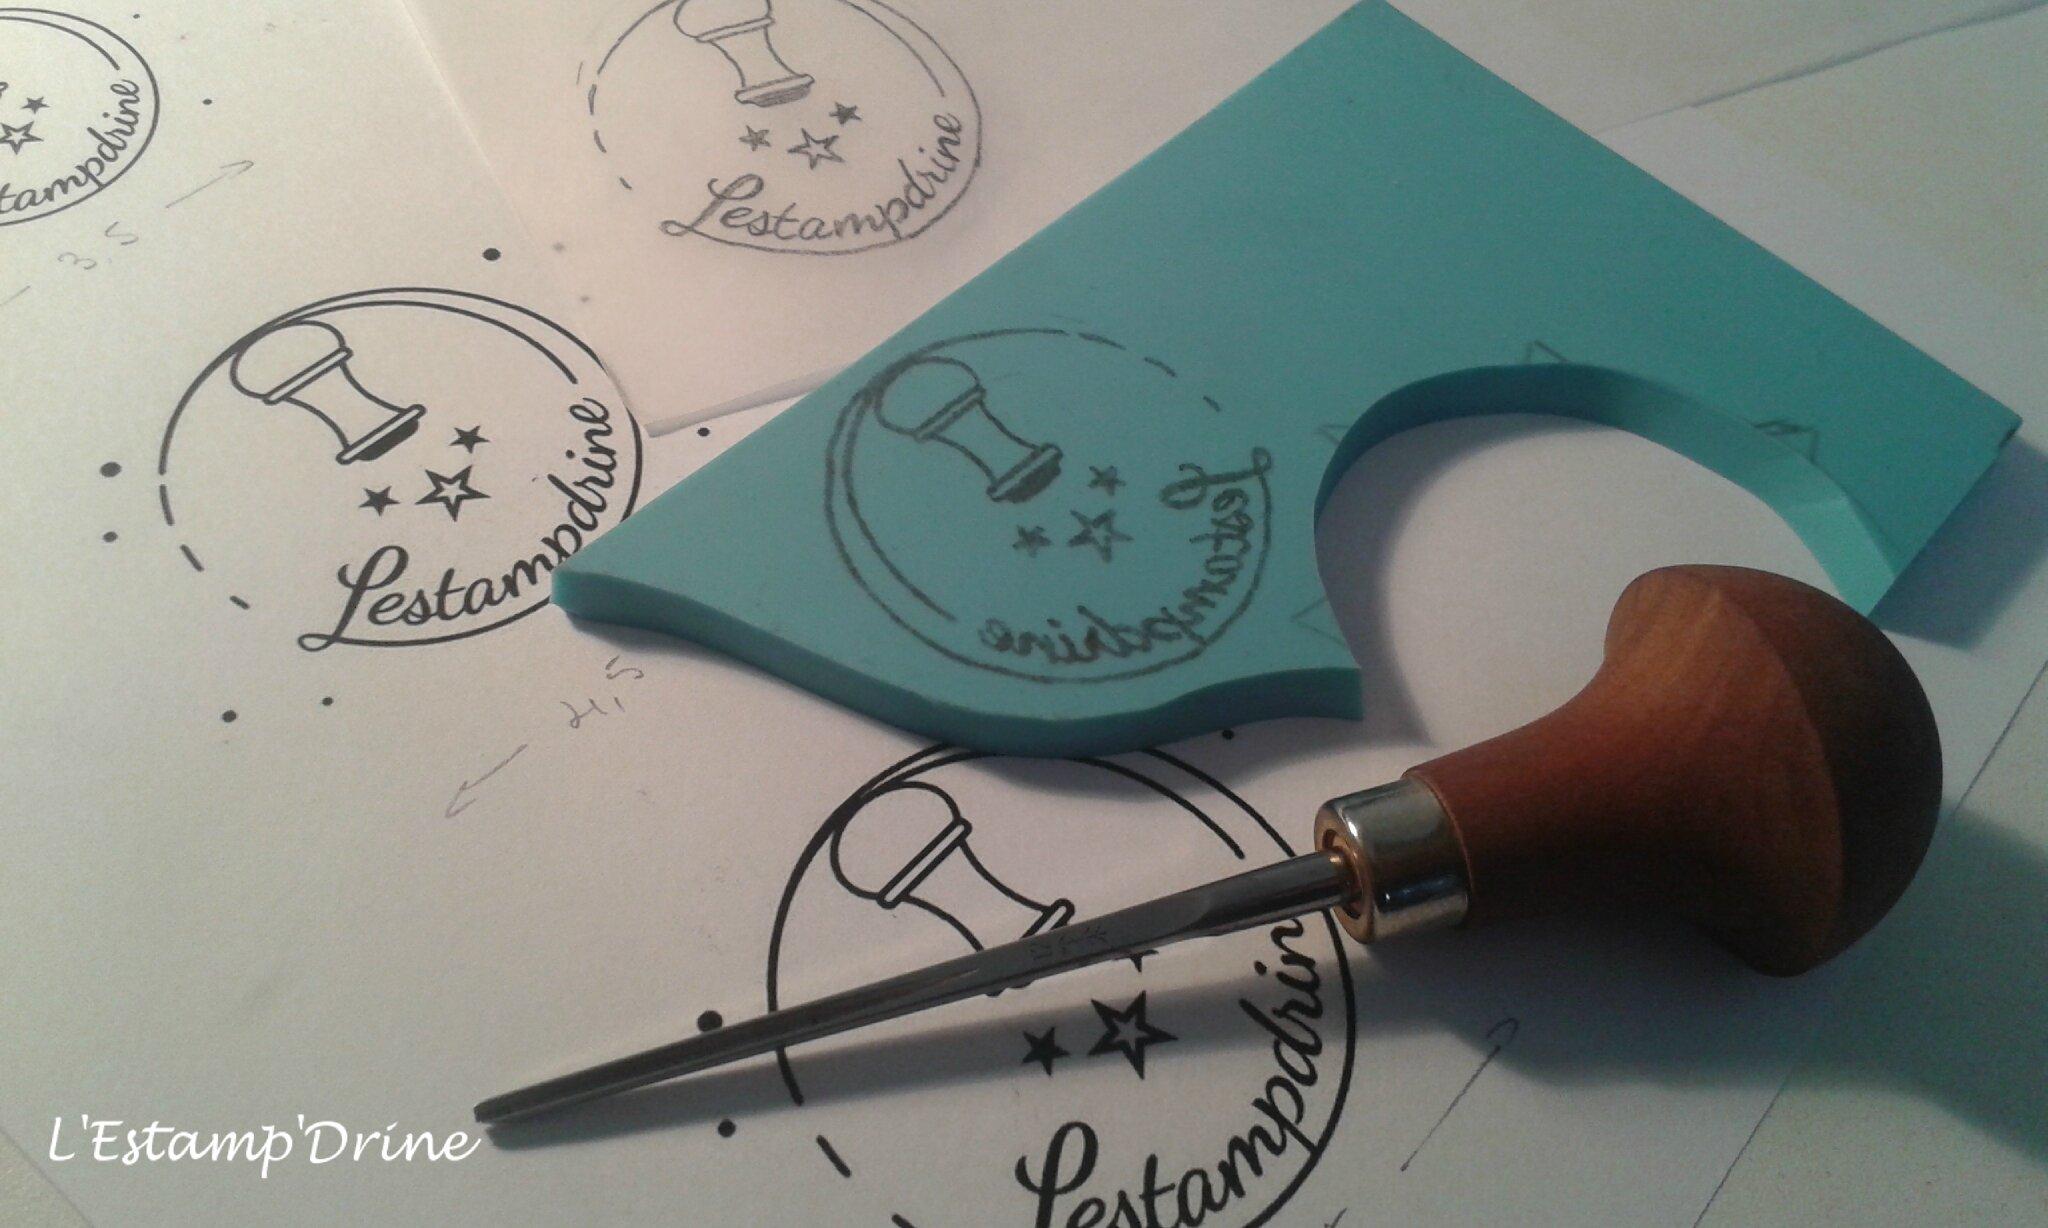 Gravure de mon tampon logo L'Estampdrine